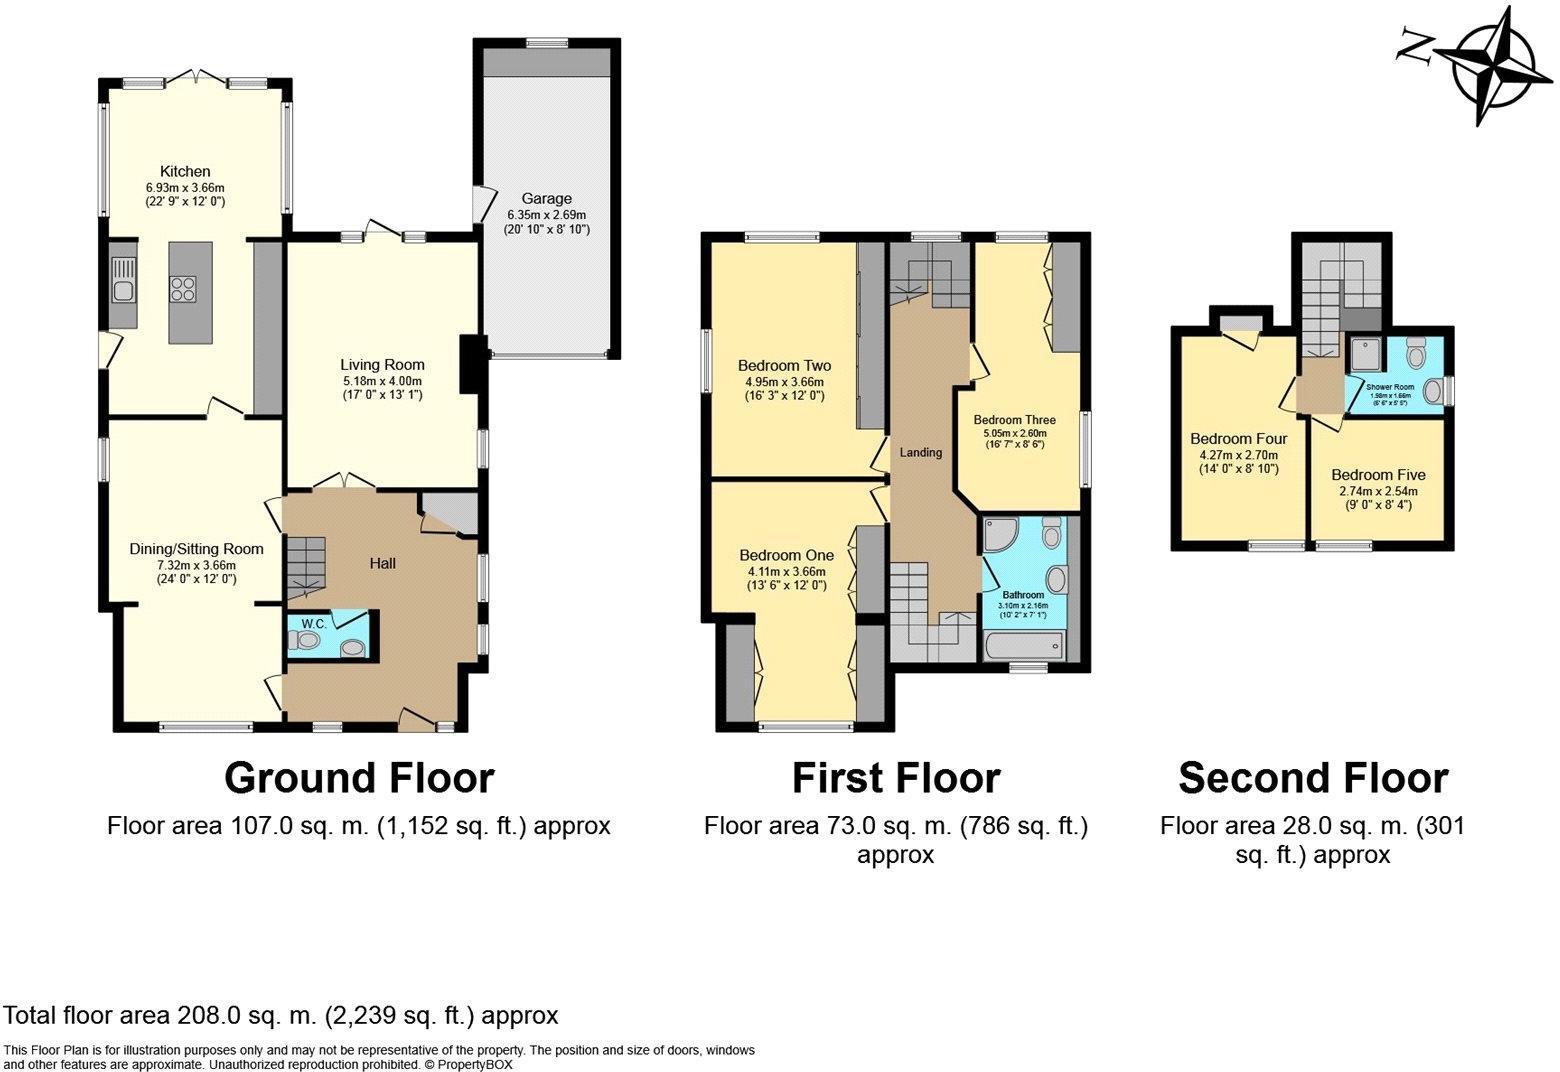 103 Worrin Road Floor Plan.jpg